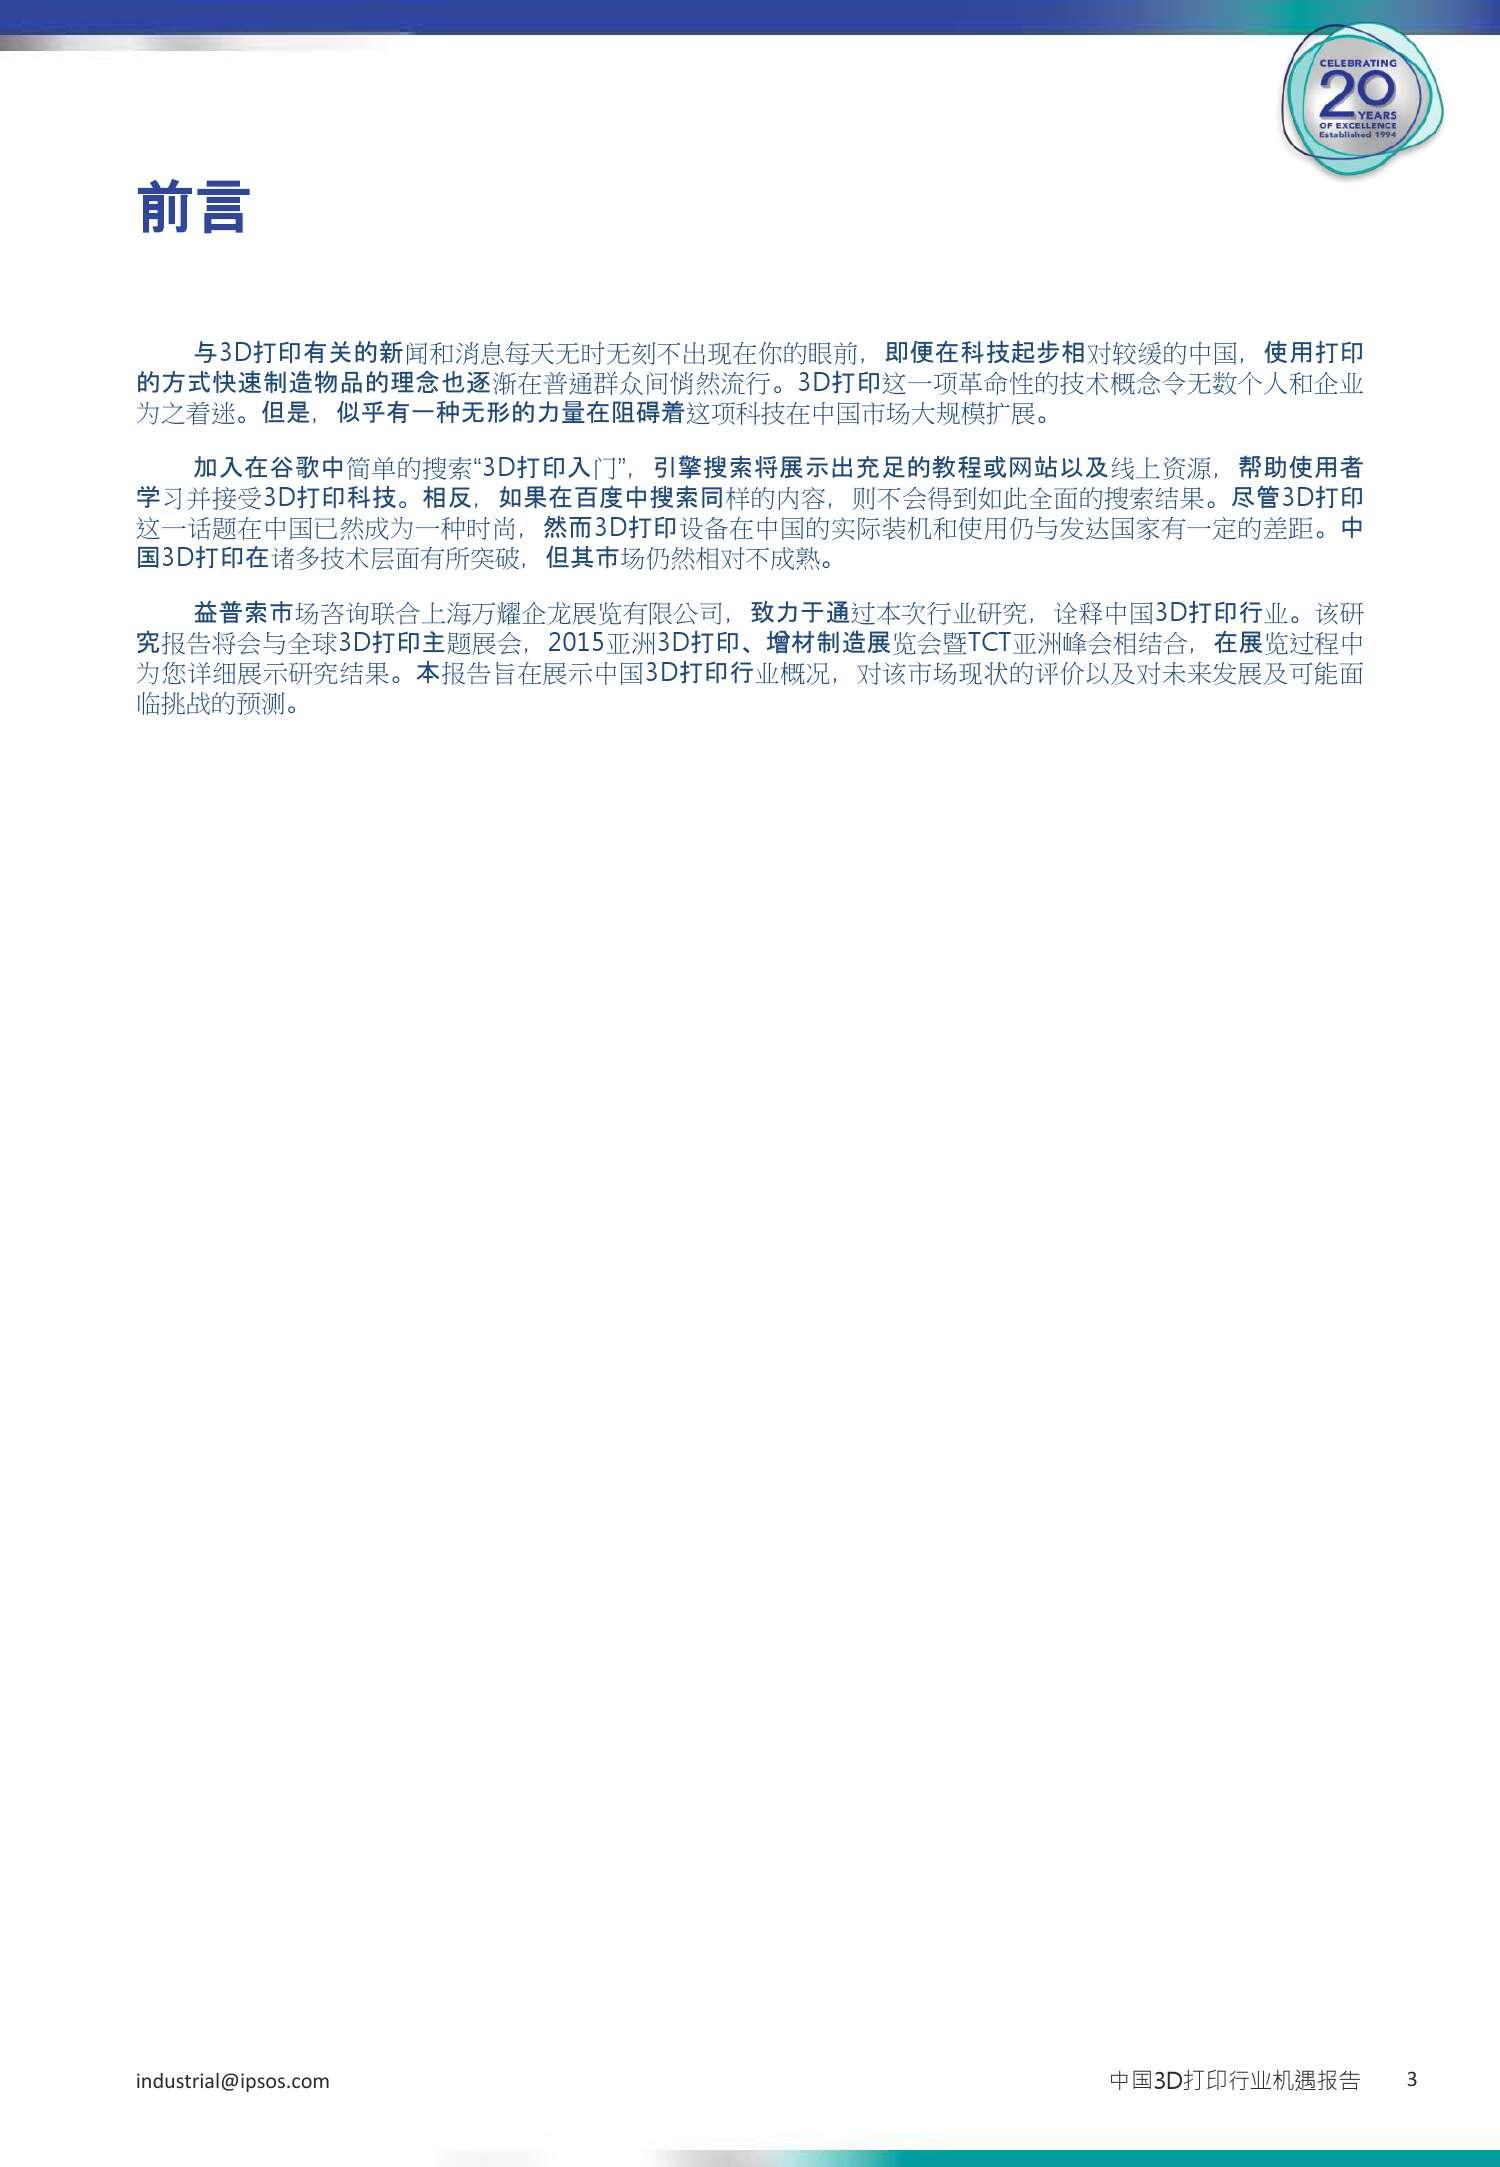 3D打印行业机遇报告_000003